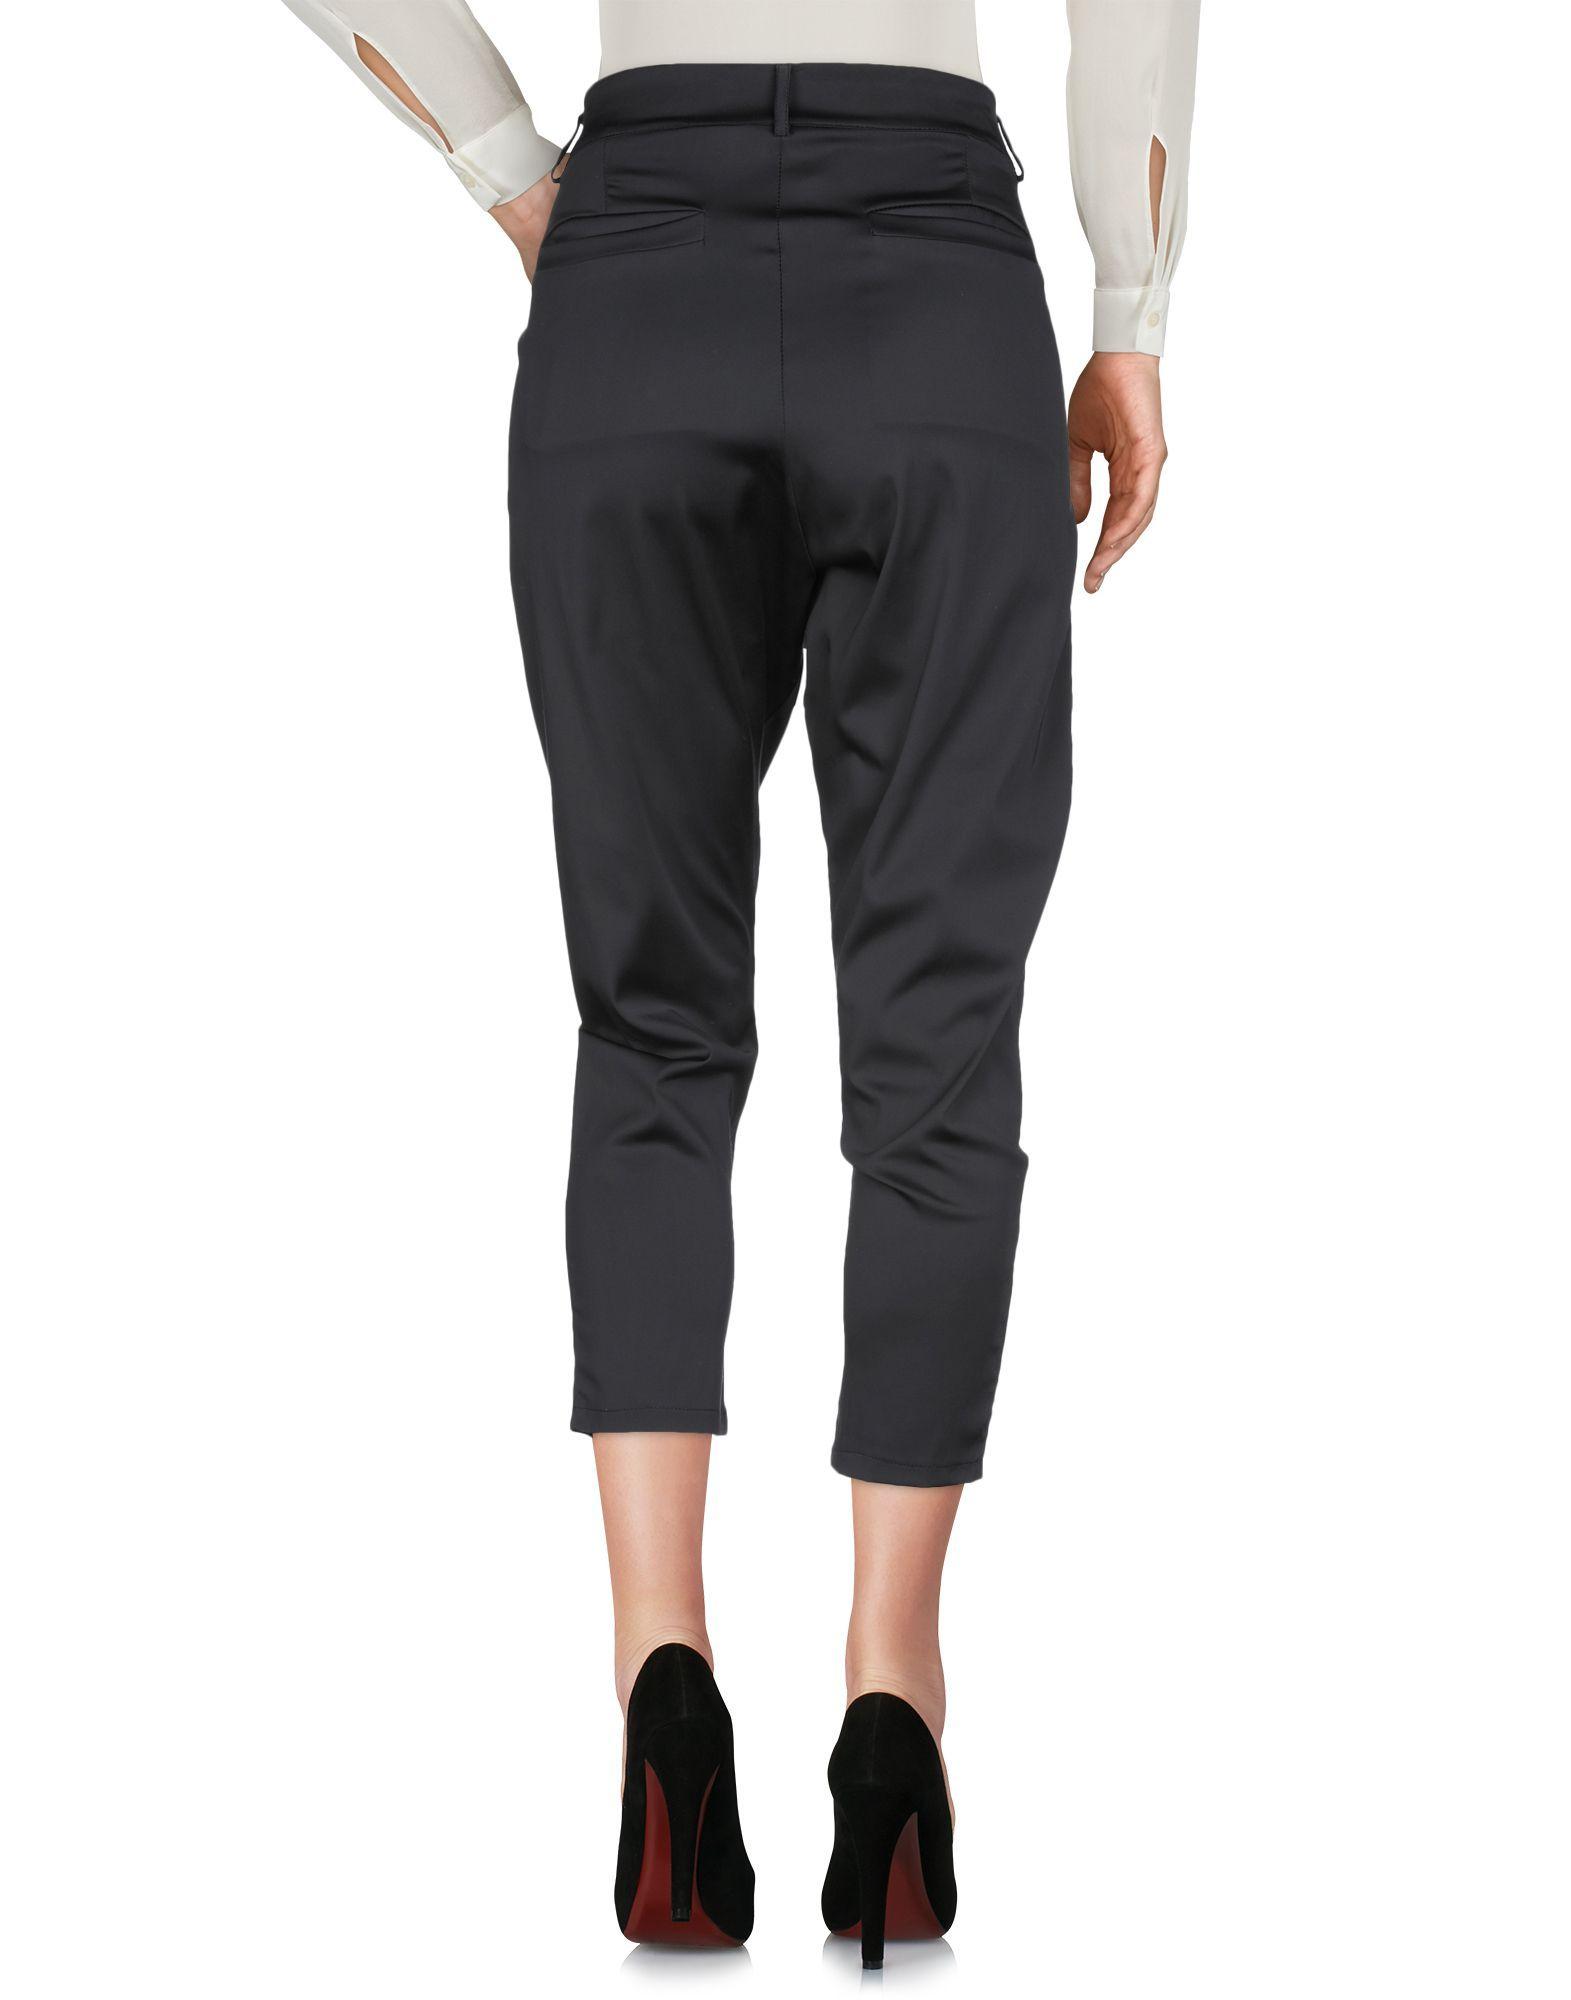 Trousers Souvenir Black Women's Polyamid